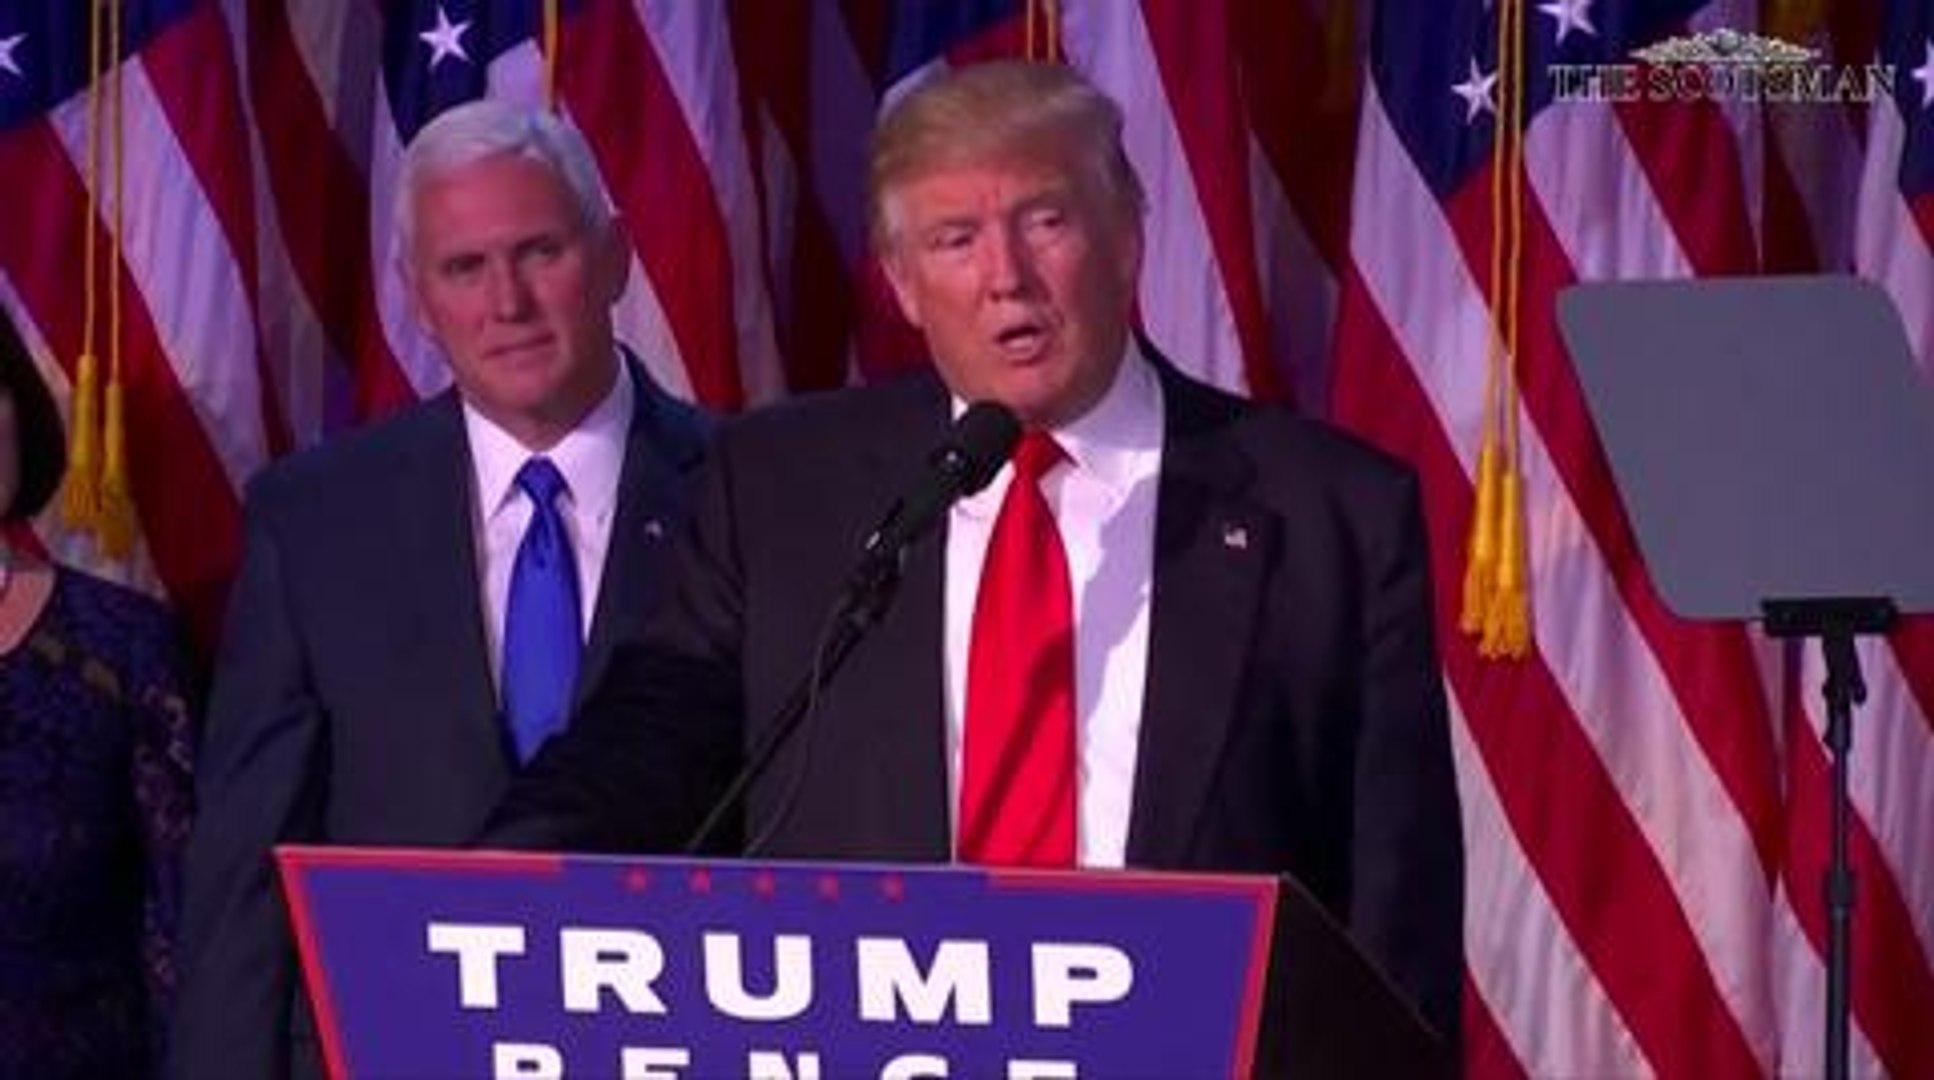 Donald Trump acceptance speech